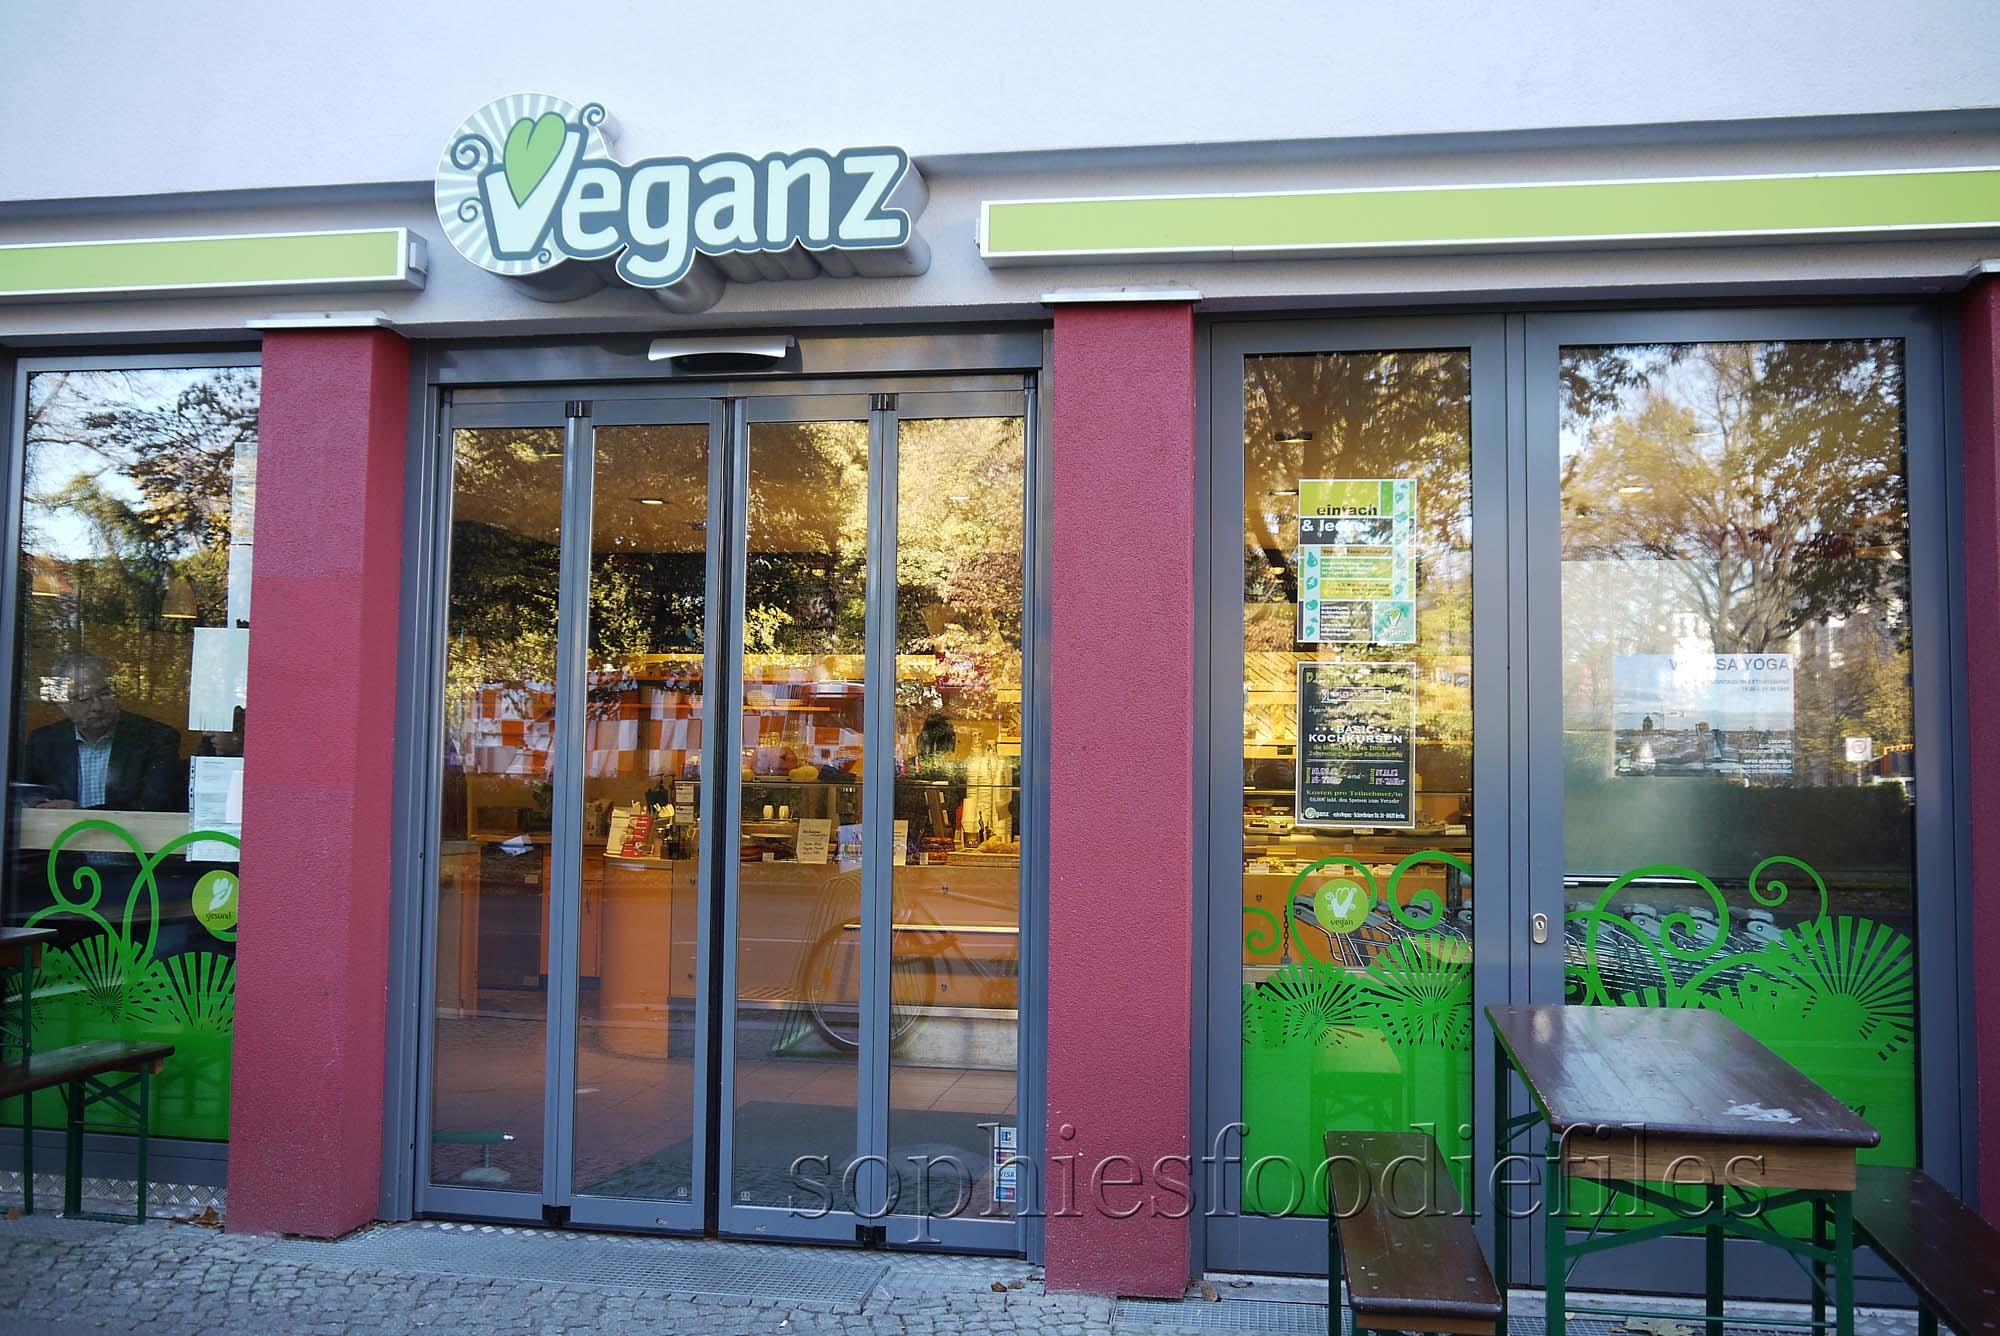 Travelling Sophie: Berlin part 4! All vegan! – Sophie\'s Foodie Files